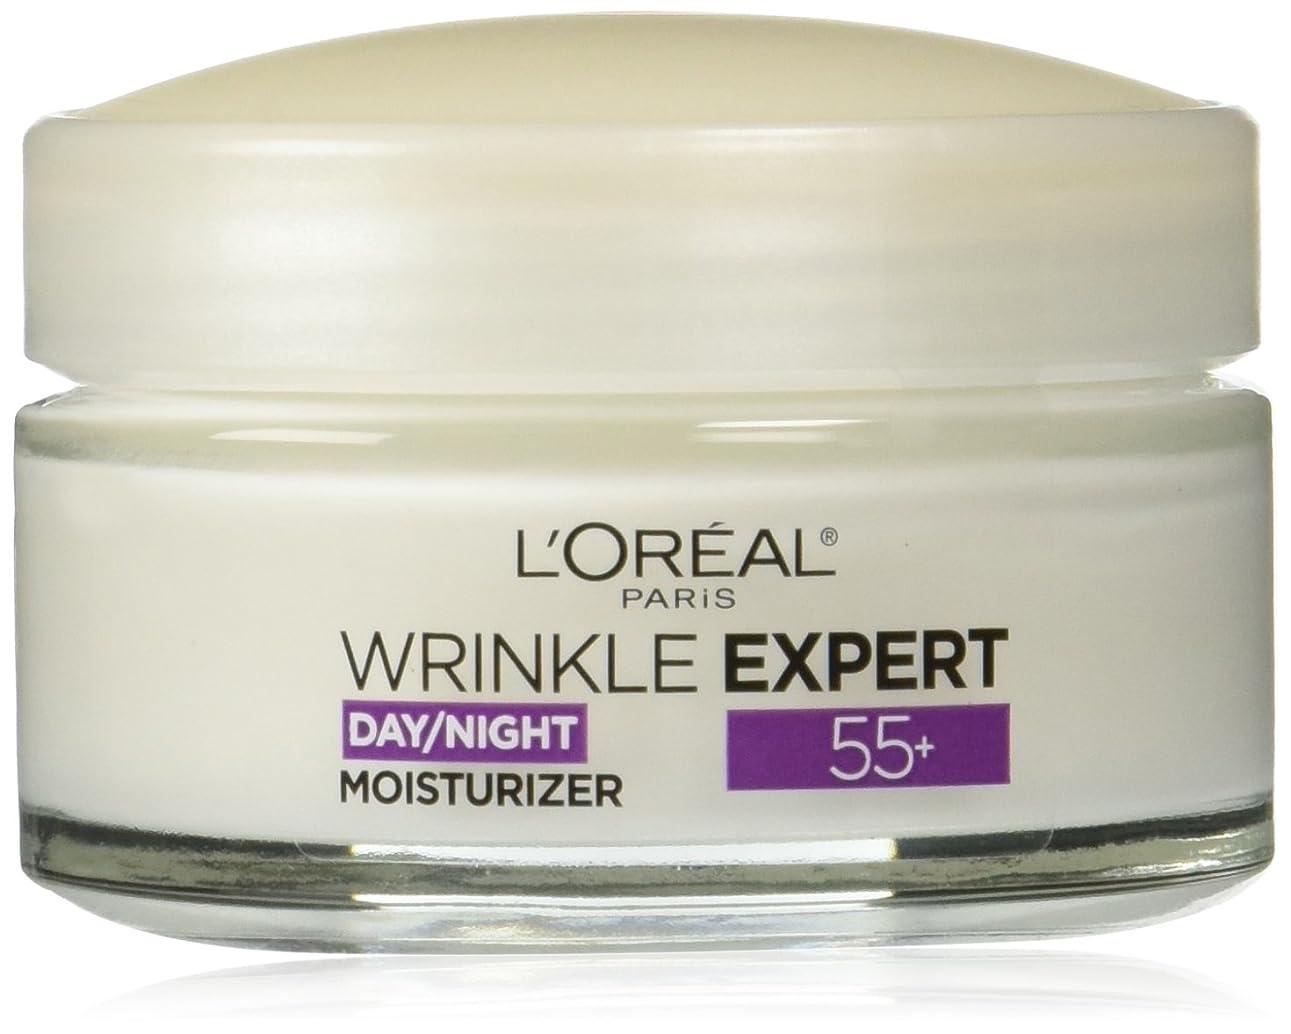 安らぎ読み書きのできない判定L'Oreal Paris Wrinkle Expert 55+ Day/Night Moisturizer, 1.7 oz(48g) ロレアル リンクルエキスパート55+